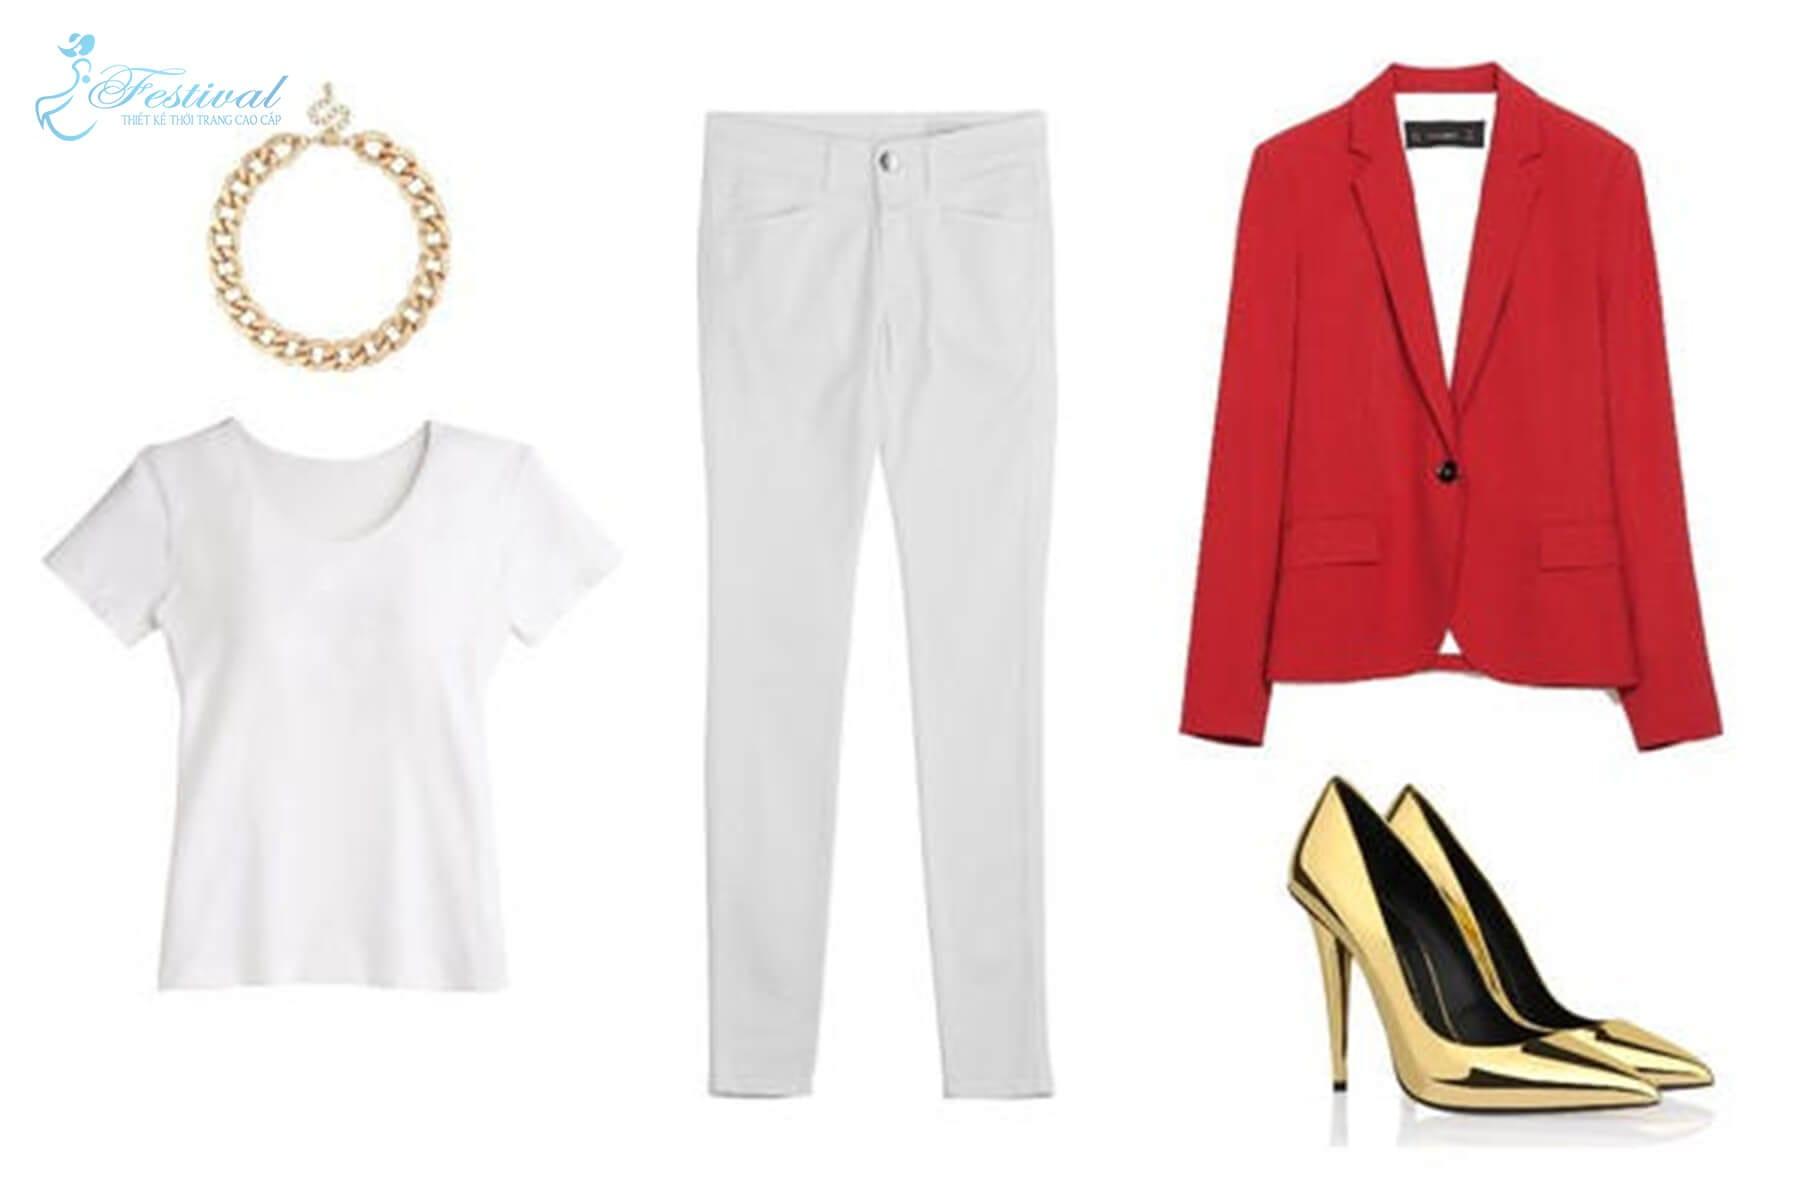 Công sở với vest mỏng, skinny và áo phông đi kèm phụ kiện ánh kim - Mặc đẹp mùa noel - Mẹo mix đồ đi chơi giáng sinh cực xinh - Ảnh 6